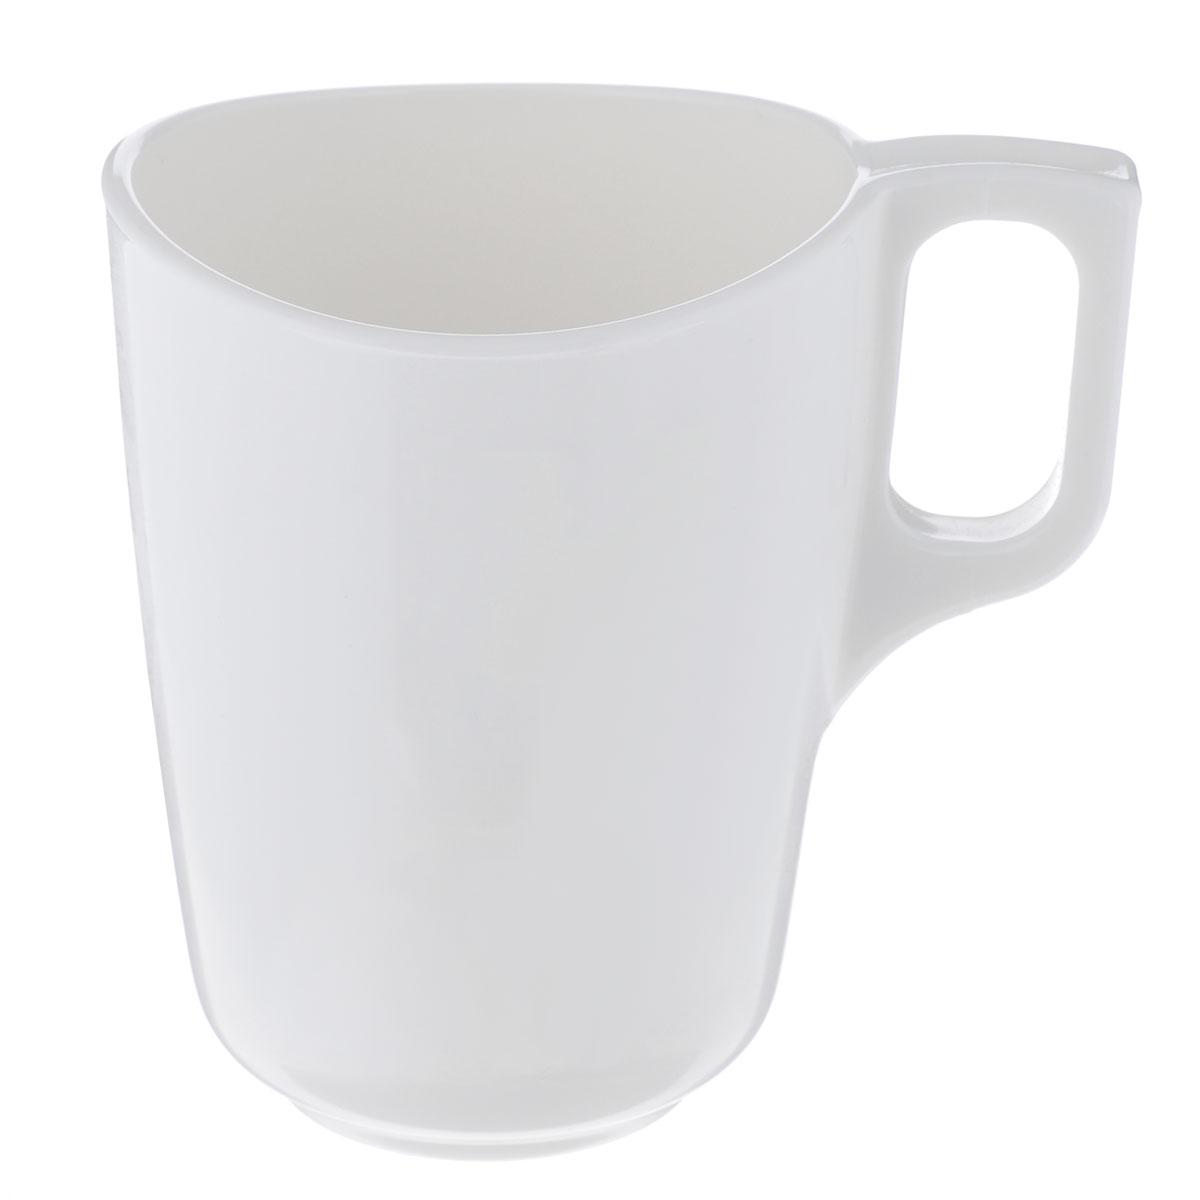 Кружка Luminarc Volare, цвет: белый, 300 млH5861Кружка Luminarc Volare изготовлена из упрочненного стекла. Такая кружка прекрасно подойдет для горячих и холодных напитков. Она дополнит коллекцию вашей кухонной посуды и будет служить долгие годы. Можно использовать в посудомоечной машине и СВЧ. Объем кружки: 300 мл. Диаметр кружки (по верхнему краю): 8 см. Диаметр дна: 4,5 см. Высота кружки: 10 см.